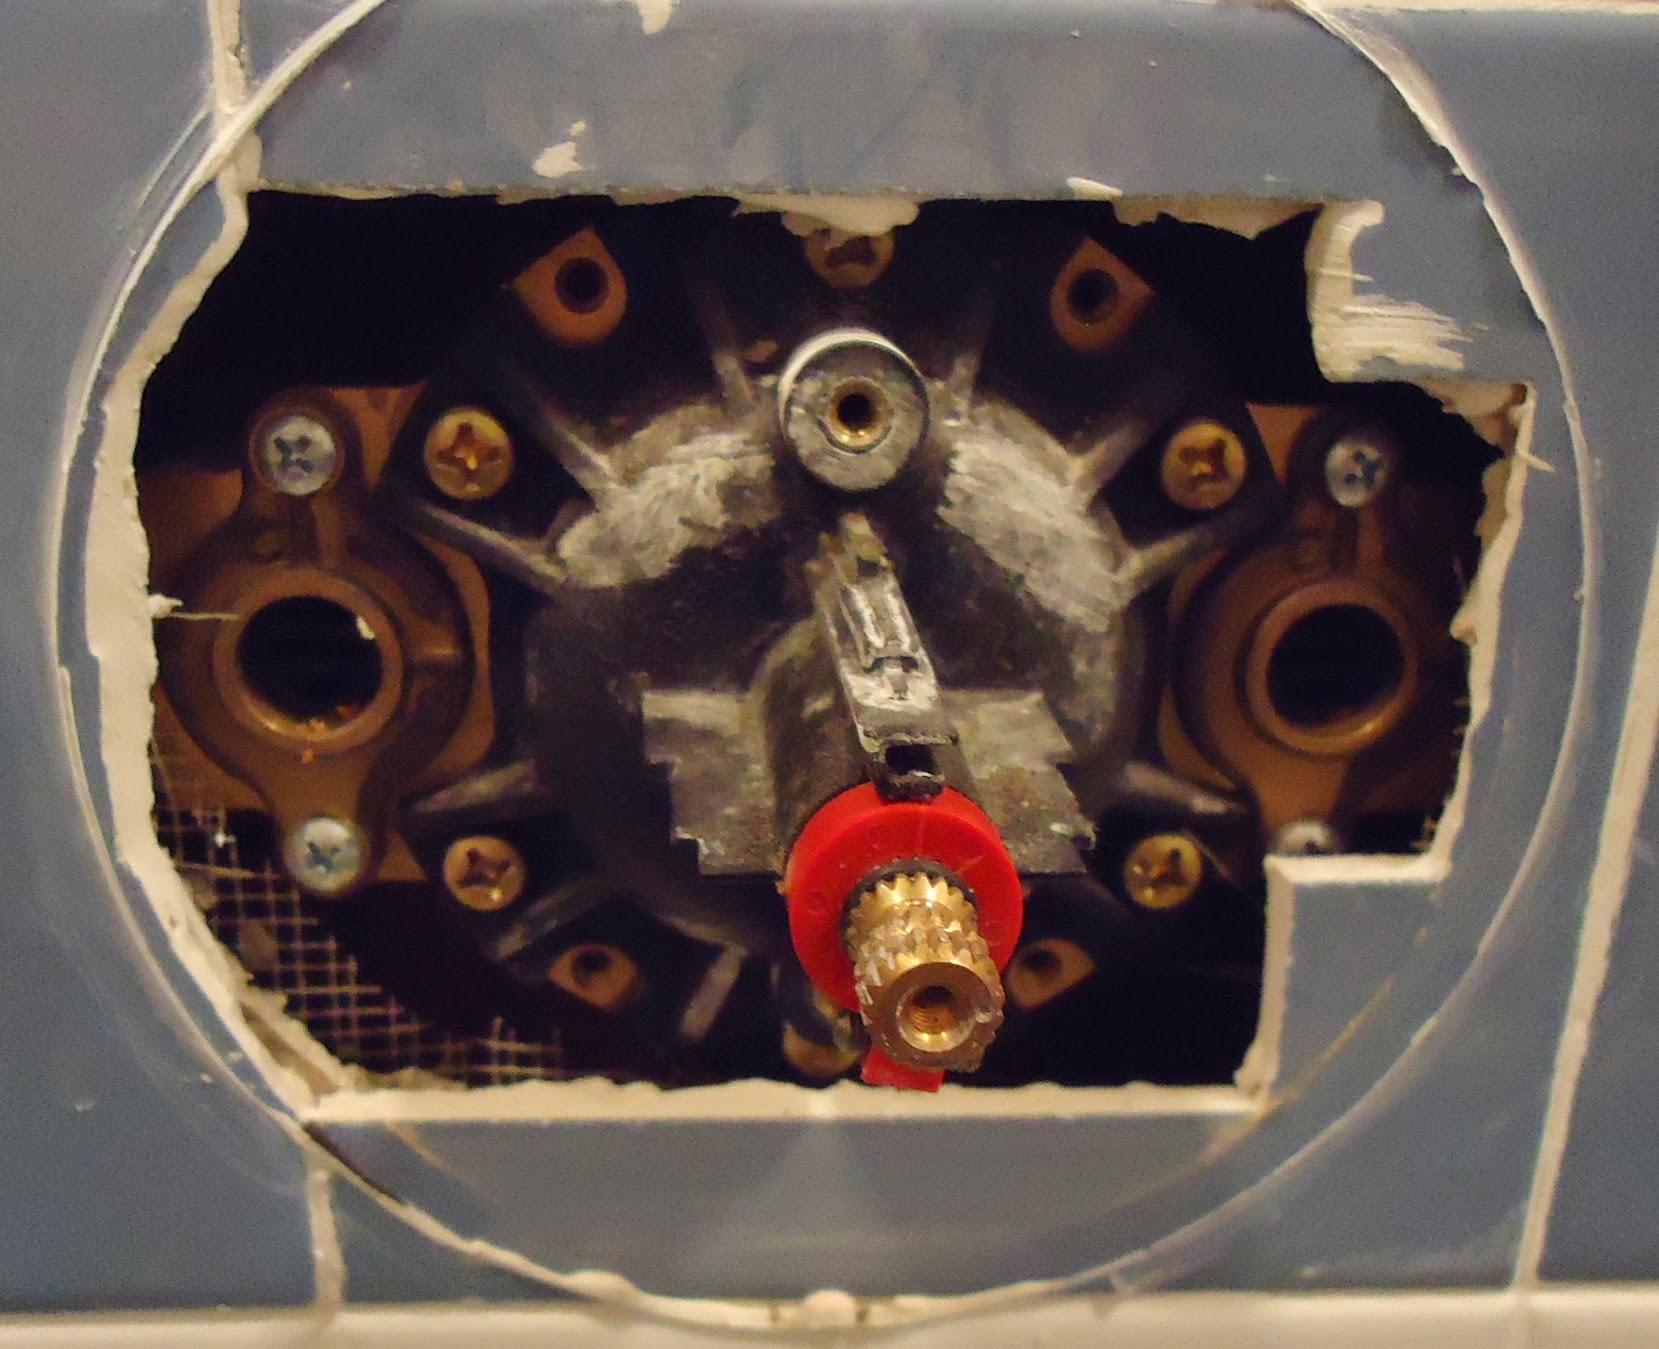 File:Kohler 306 diverter valve replacement problem tiled